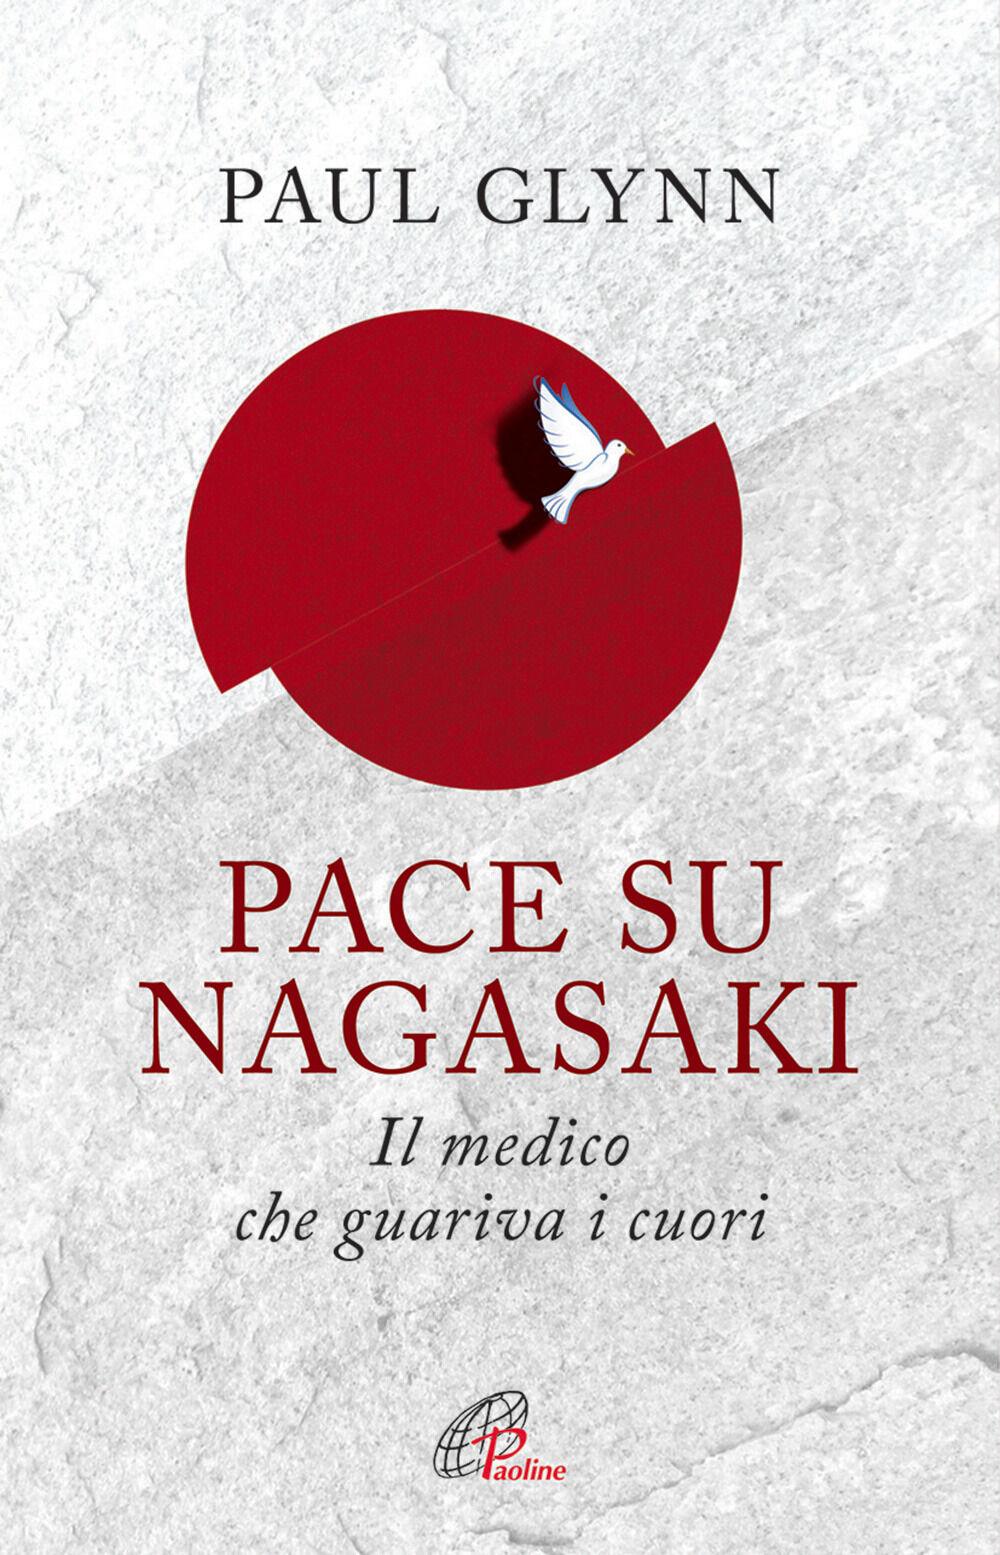 Pace su Nagasaki! Il medico che guariva i cuori